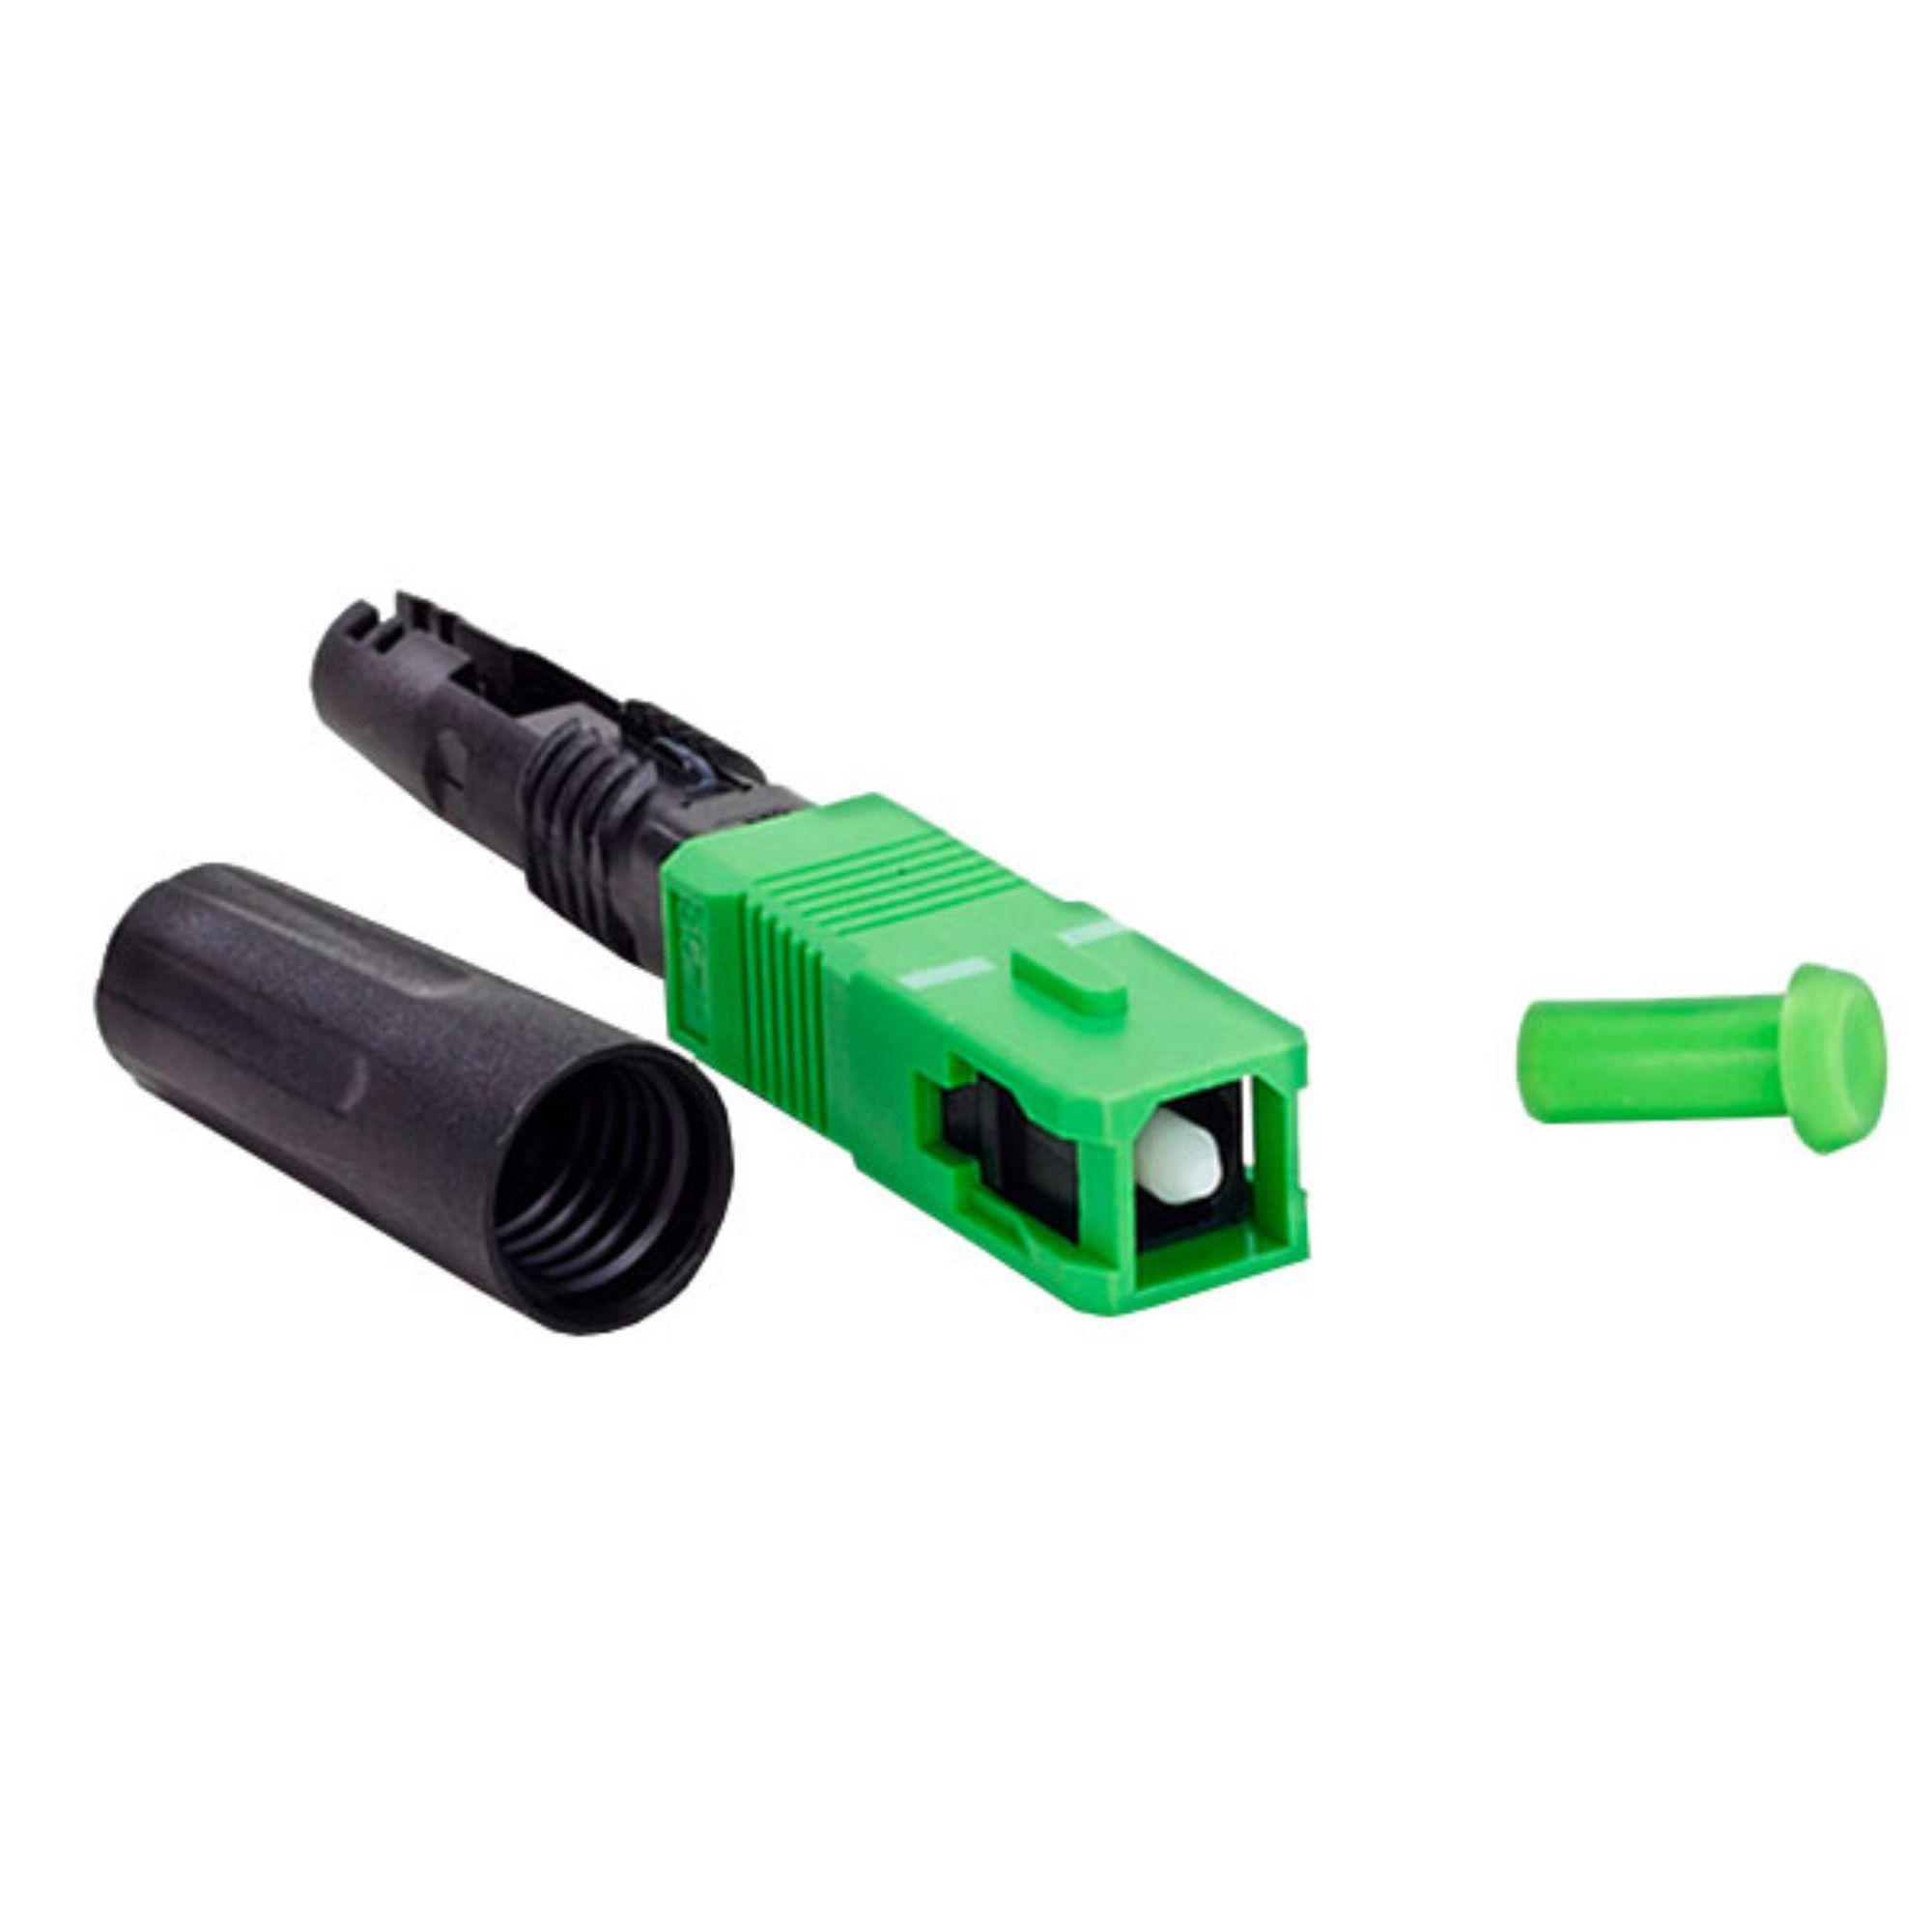 Conector Óptico De Rosca Sc Apc 2FLEX C/ 2 Unidades